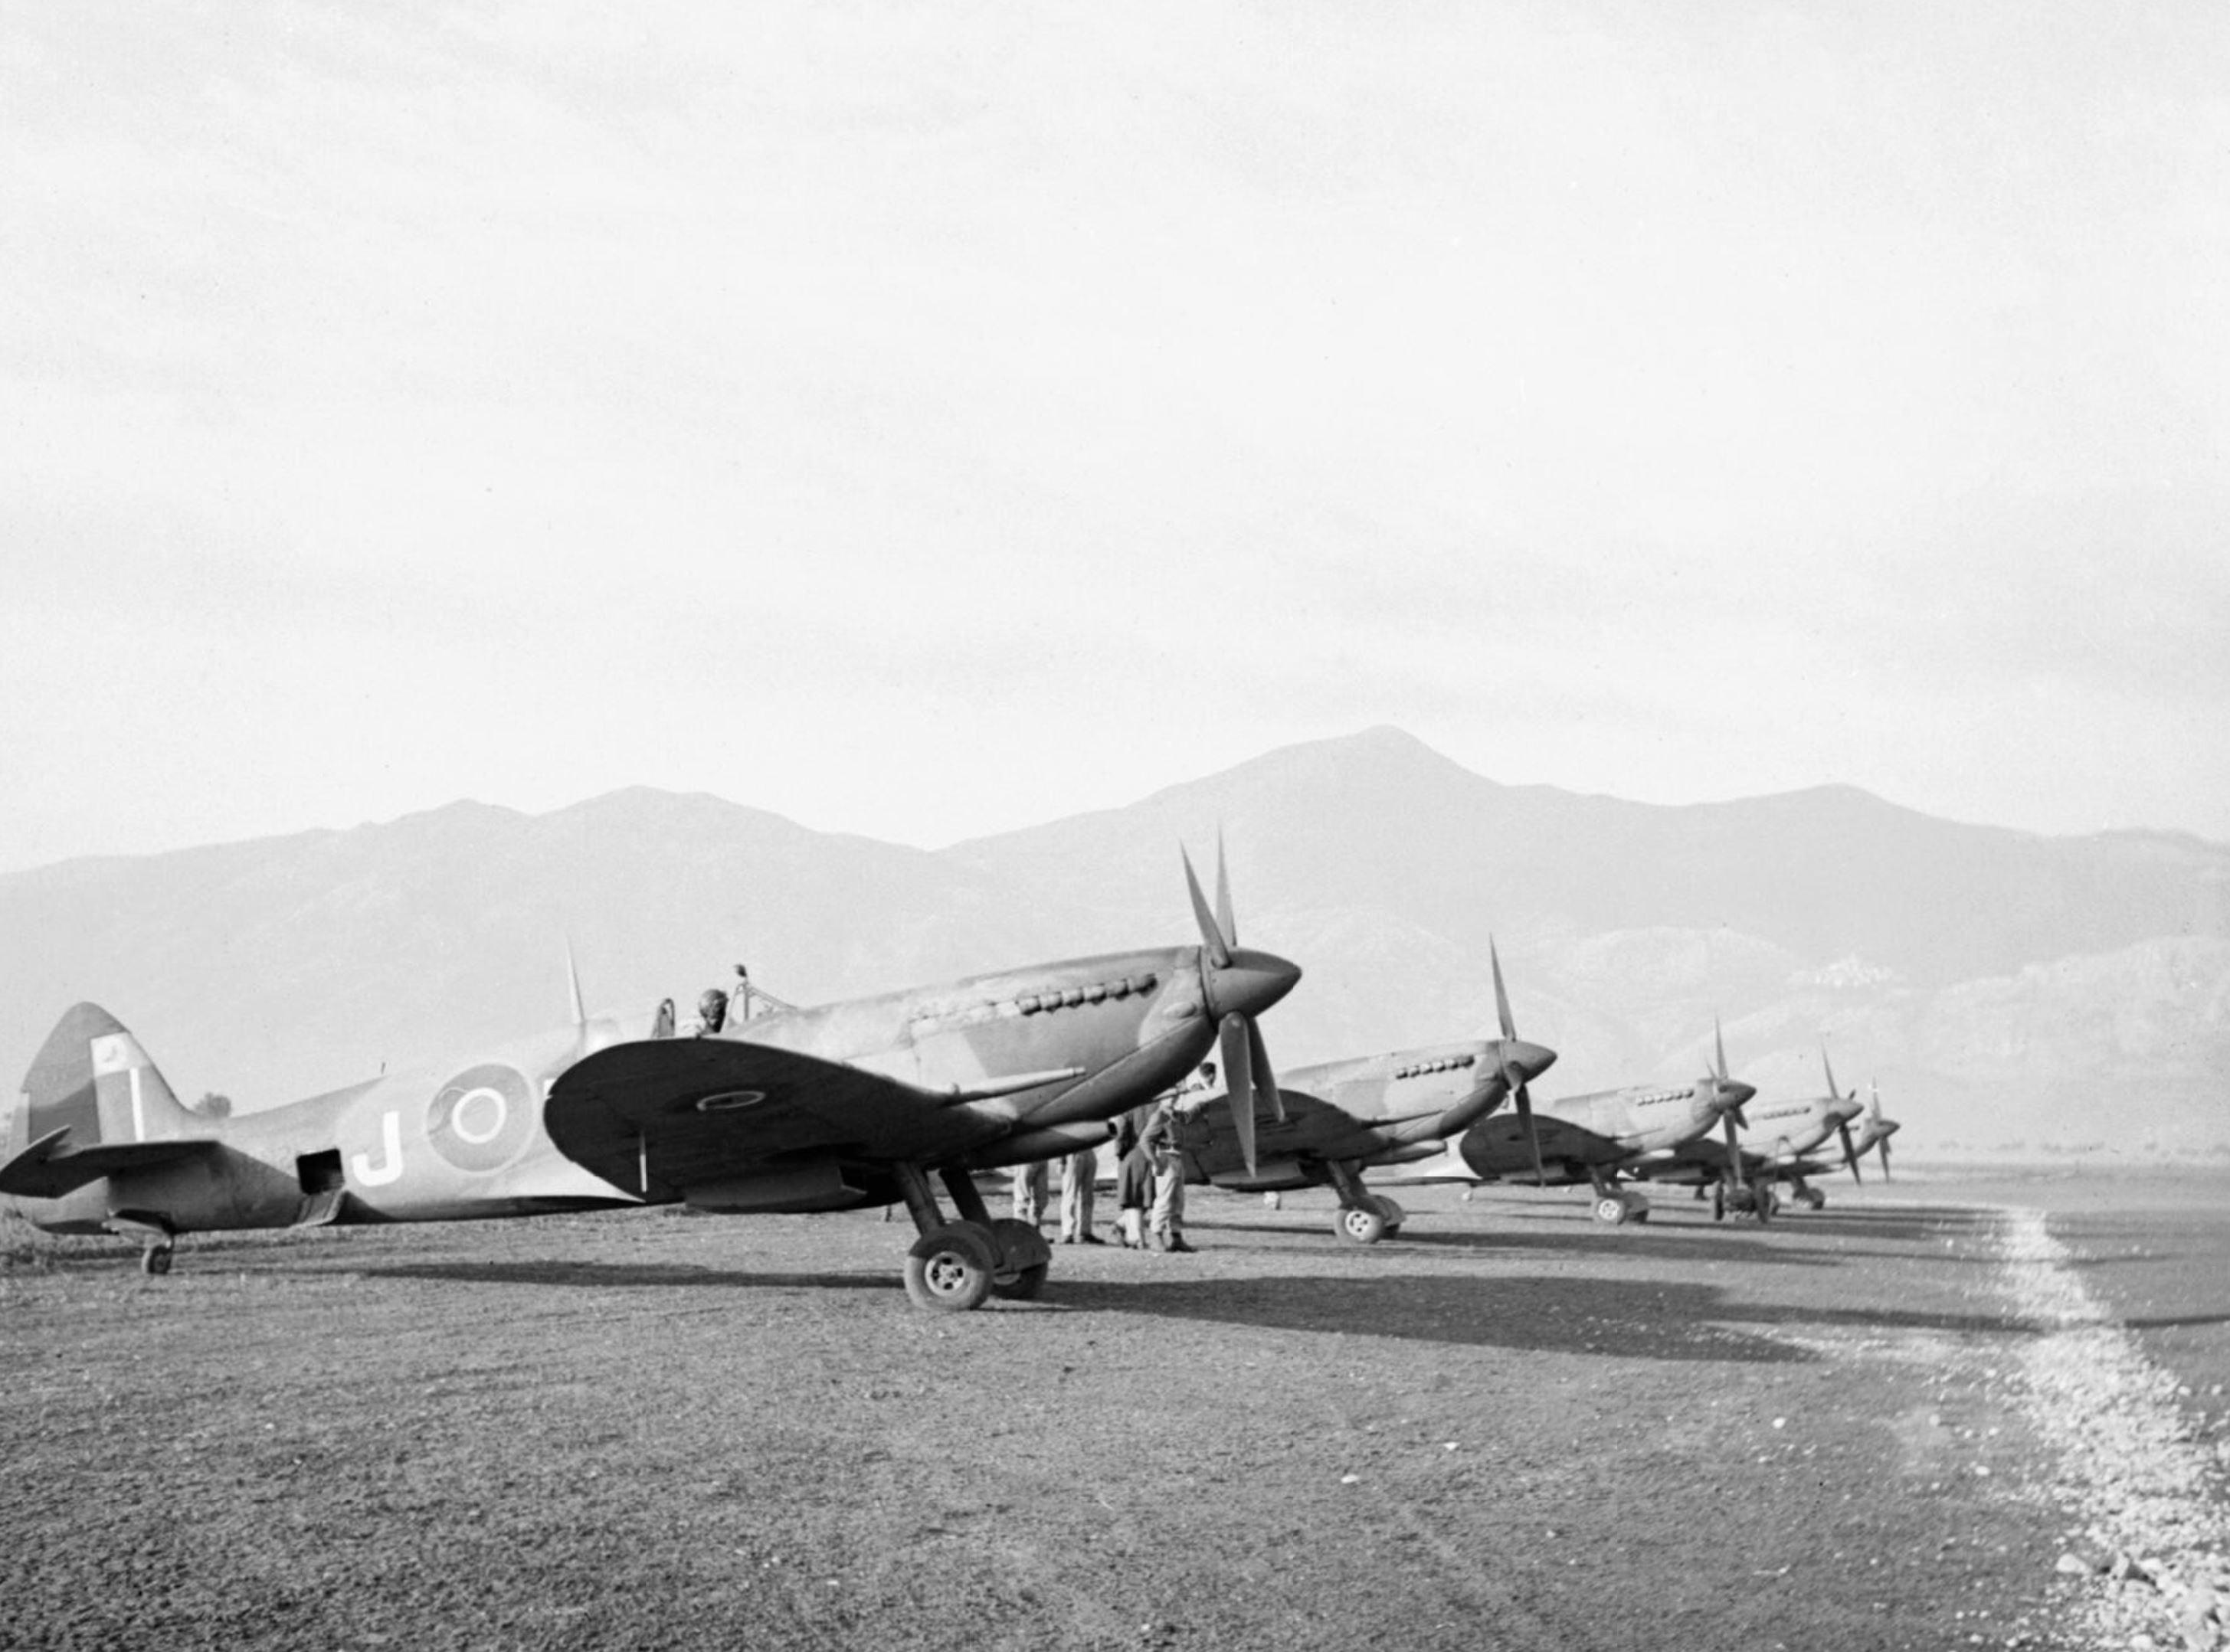 Spitfire MkIX RAF 601Sqn at Venafro Italy IWM CNA2826a